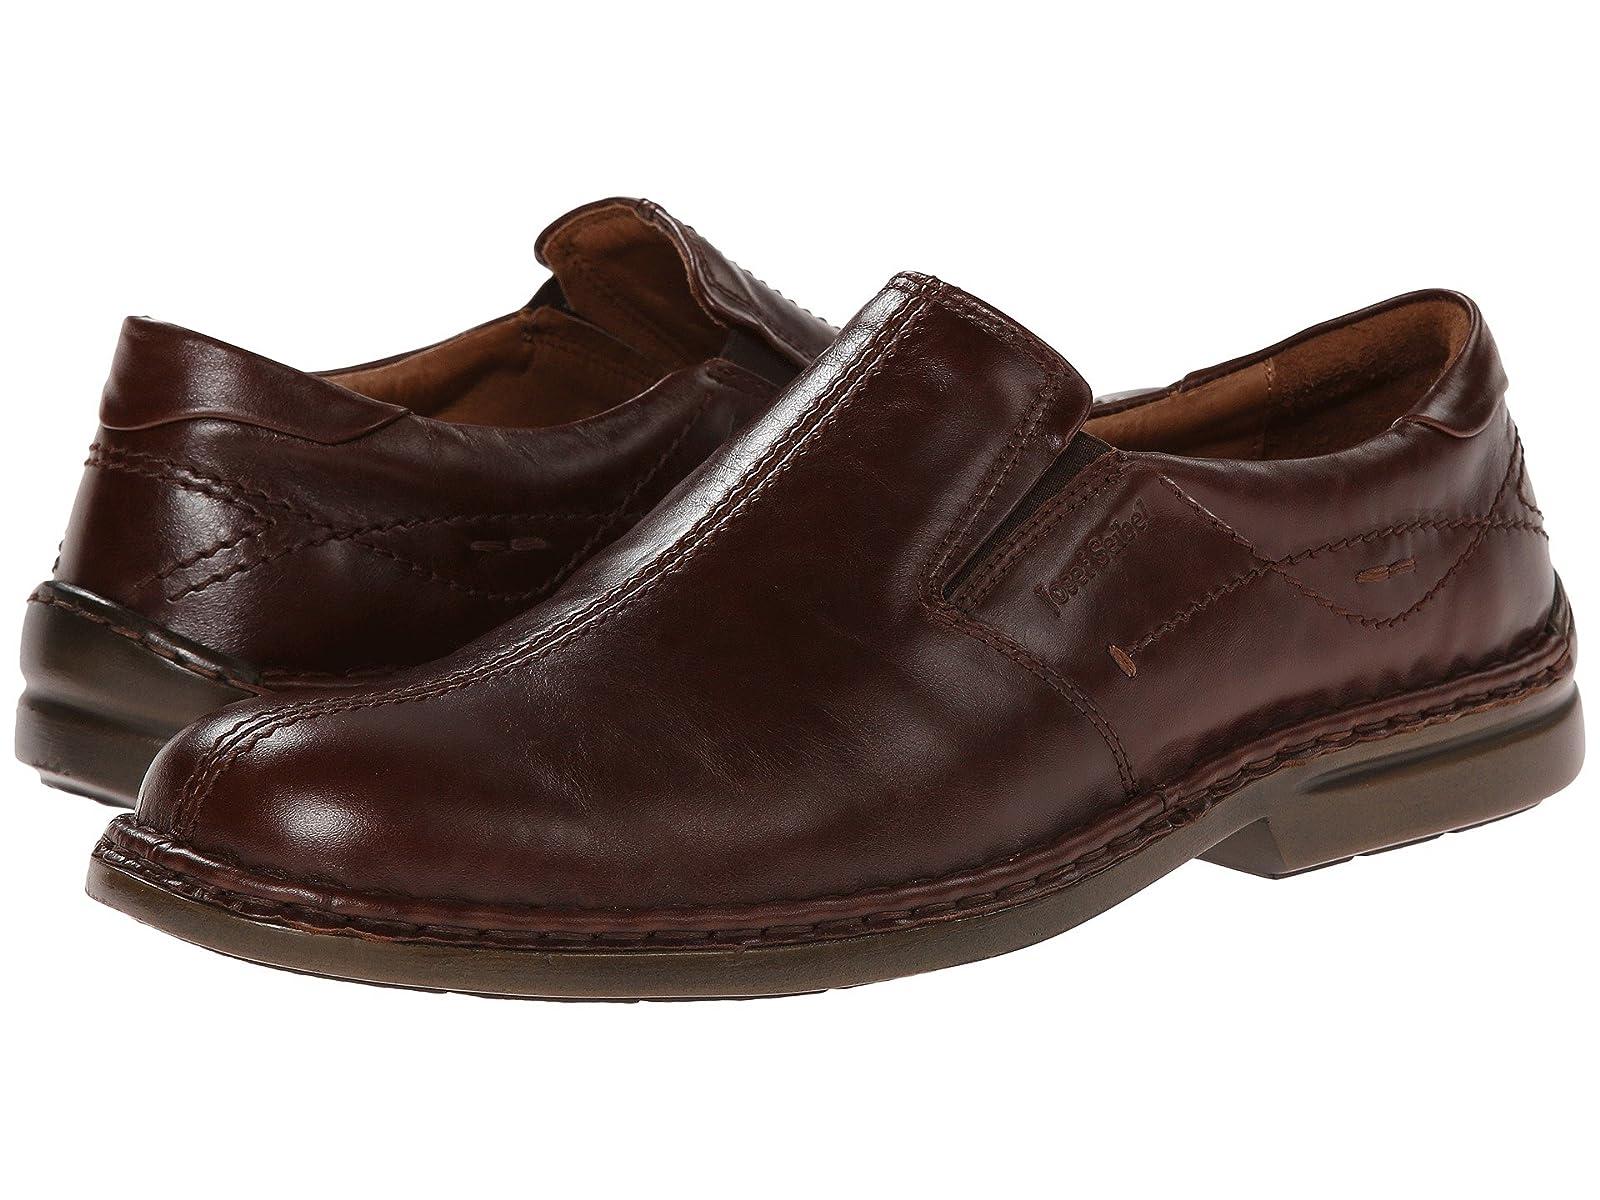 Josef Seibel VanceAtmospheric grades have affordable shoes